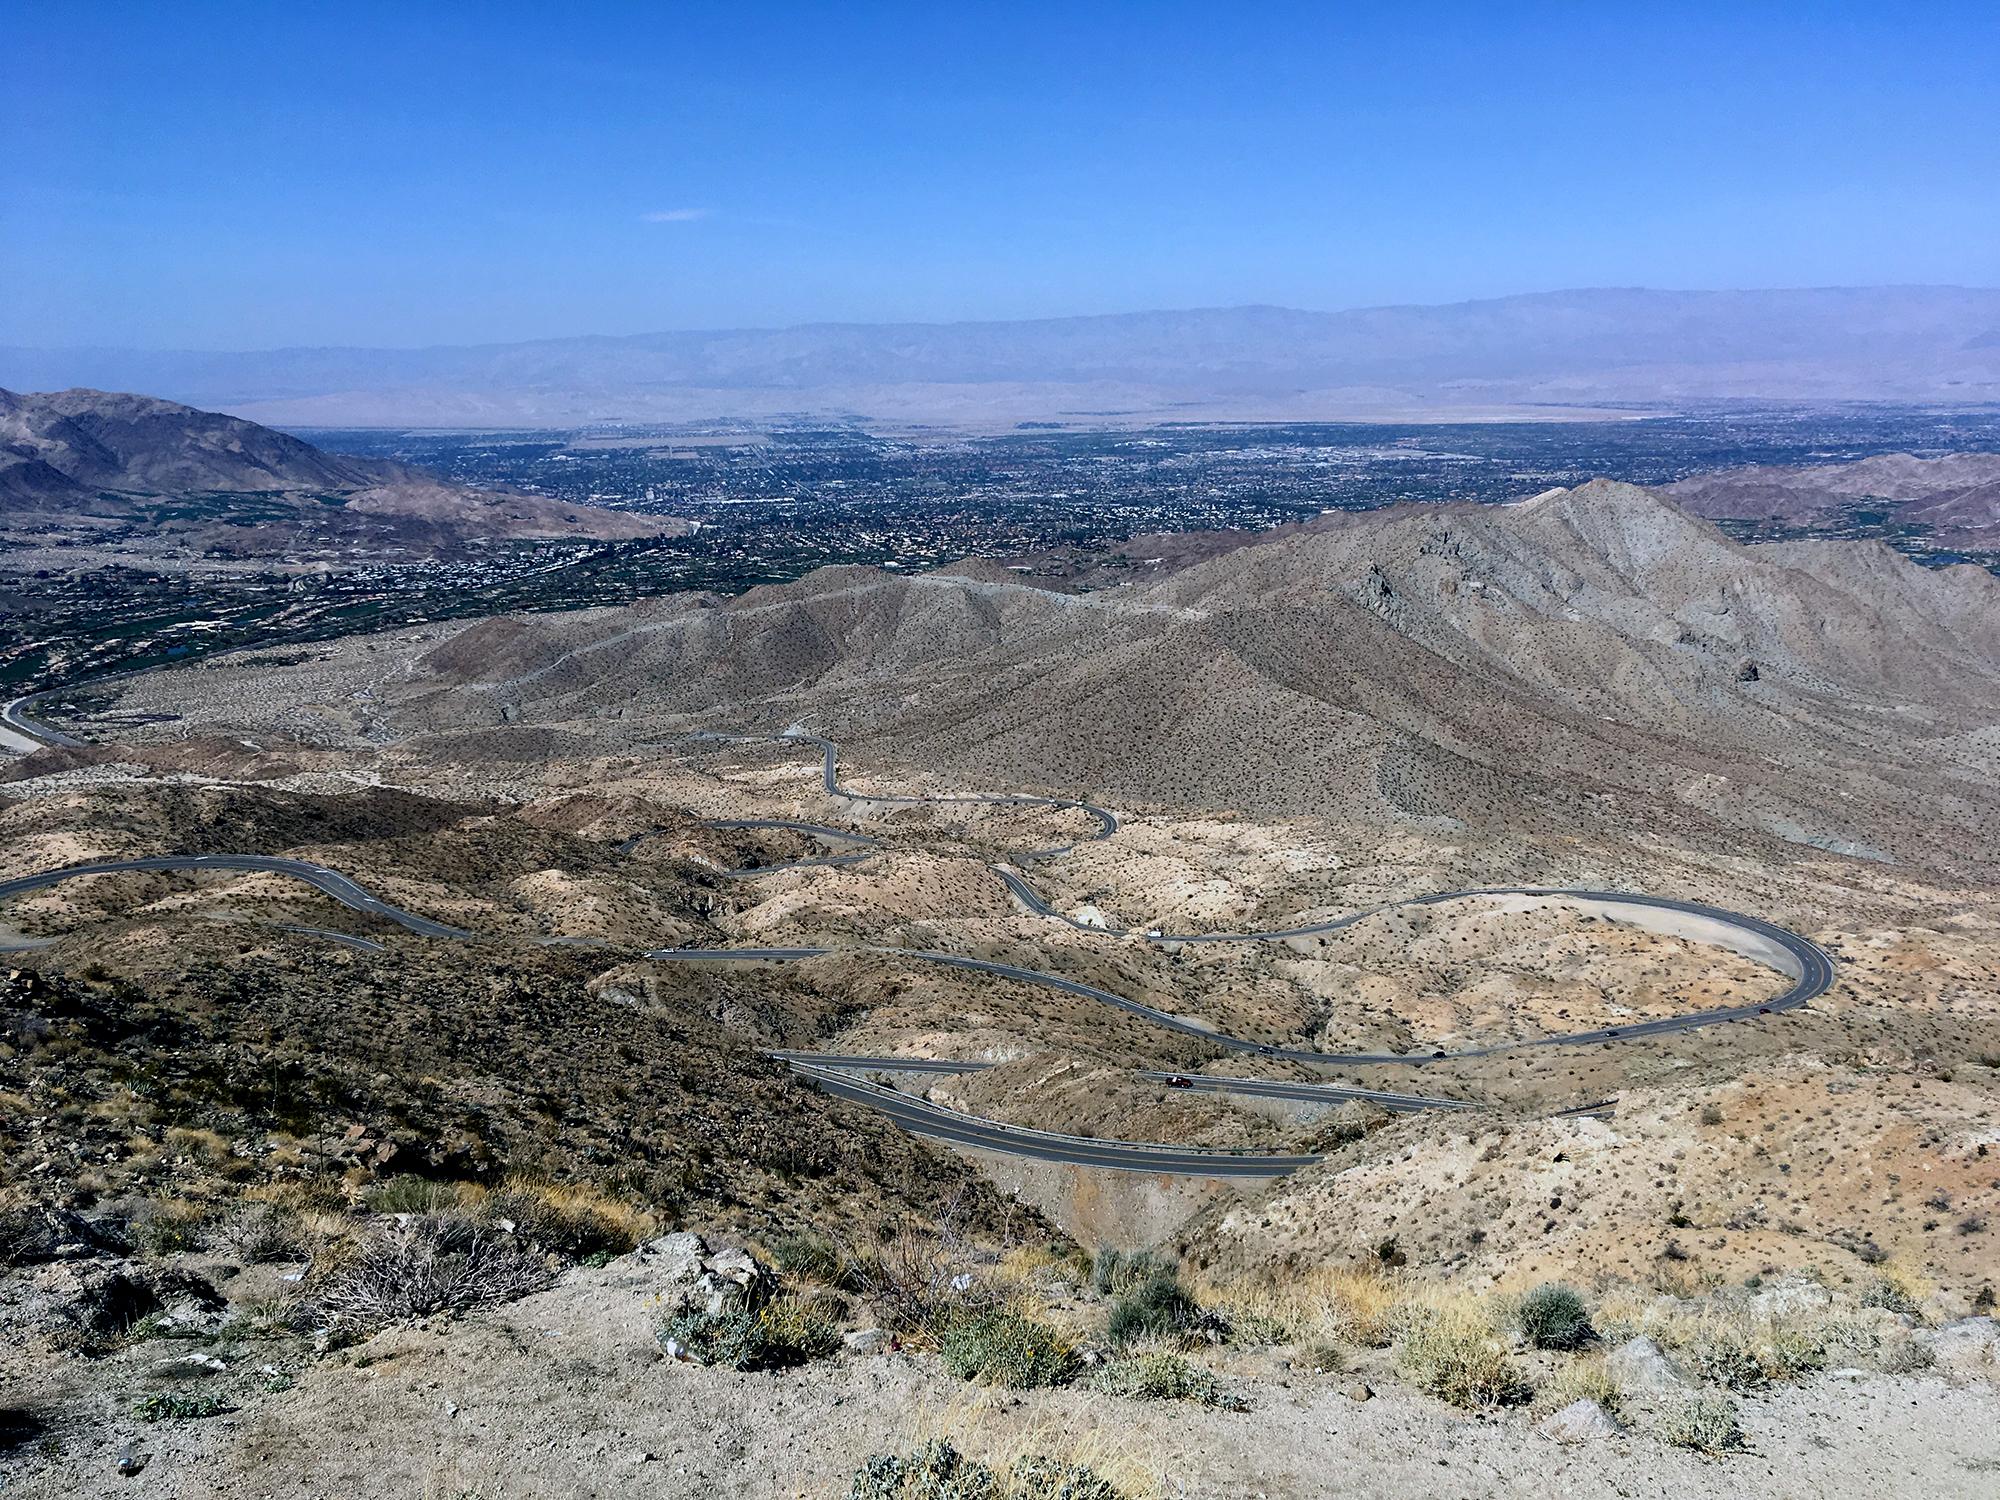 Generic Van Life - Southern California Winding Road